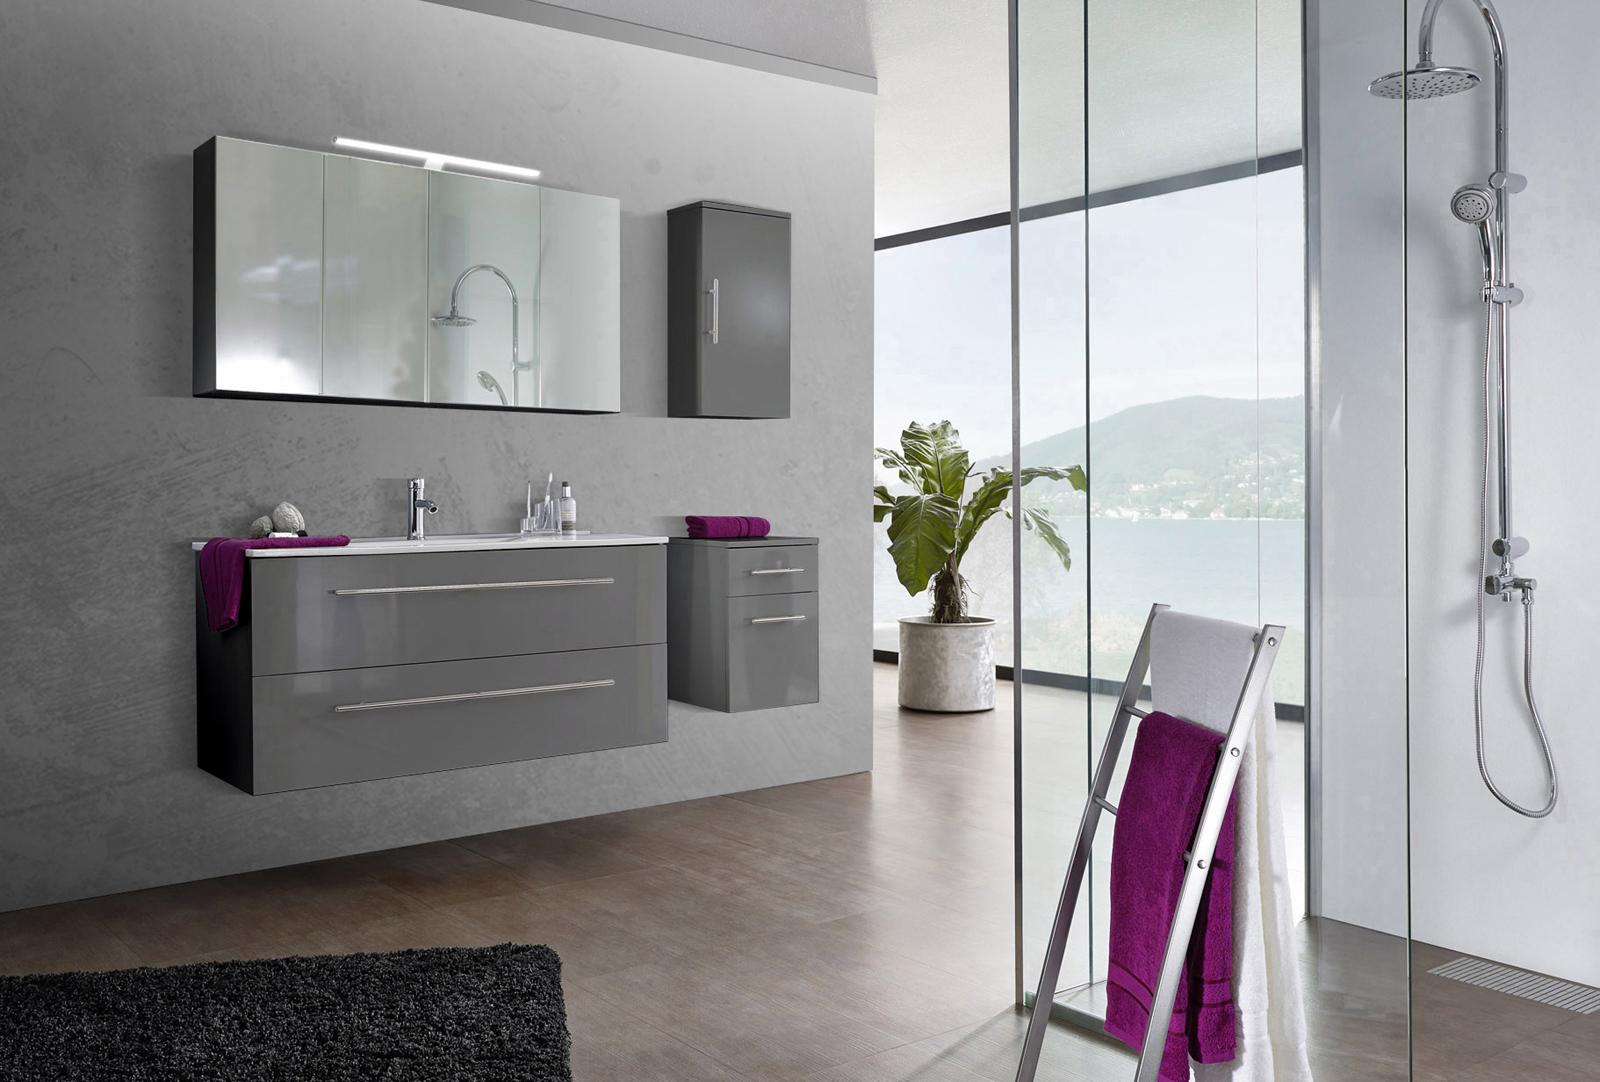 sam 4tlg badezimmer set spiegelschrank grau 120 cm verena. Black Bedroom Furniture Sets. Home Design Ideas